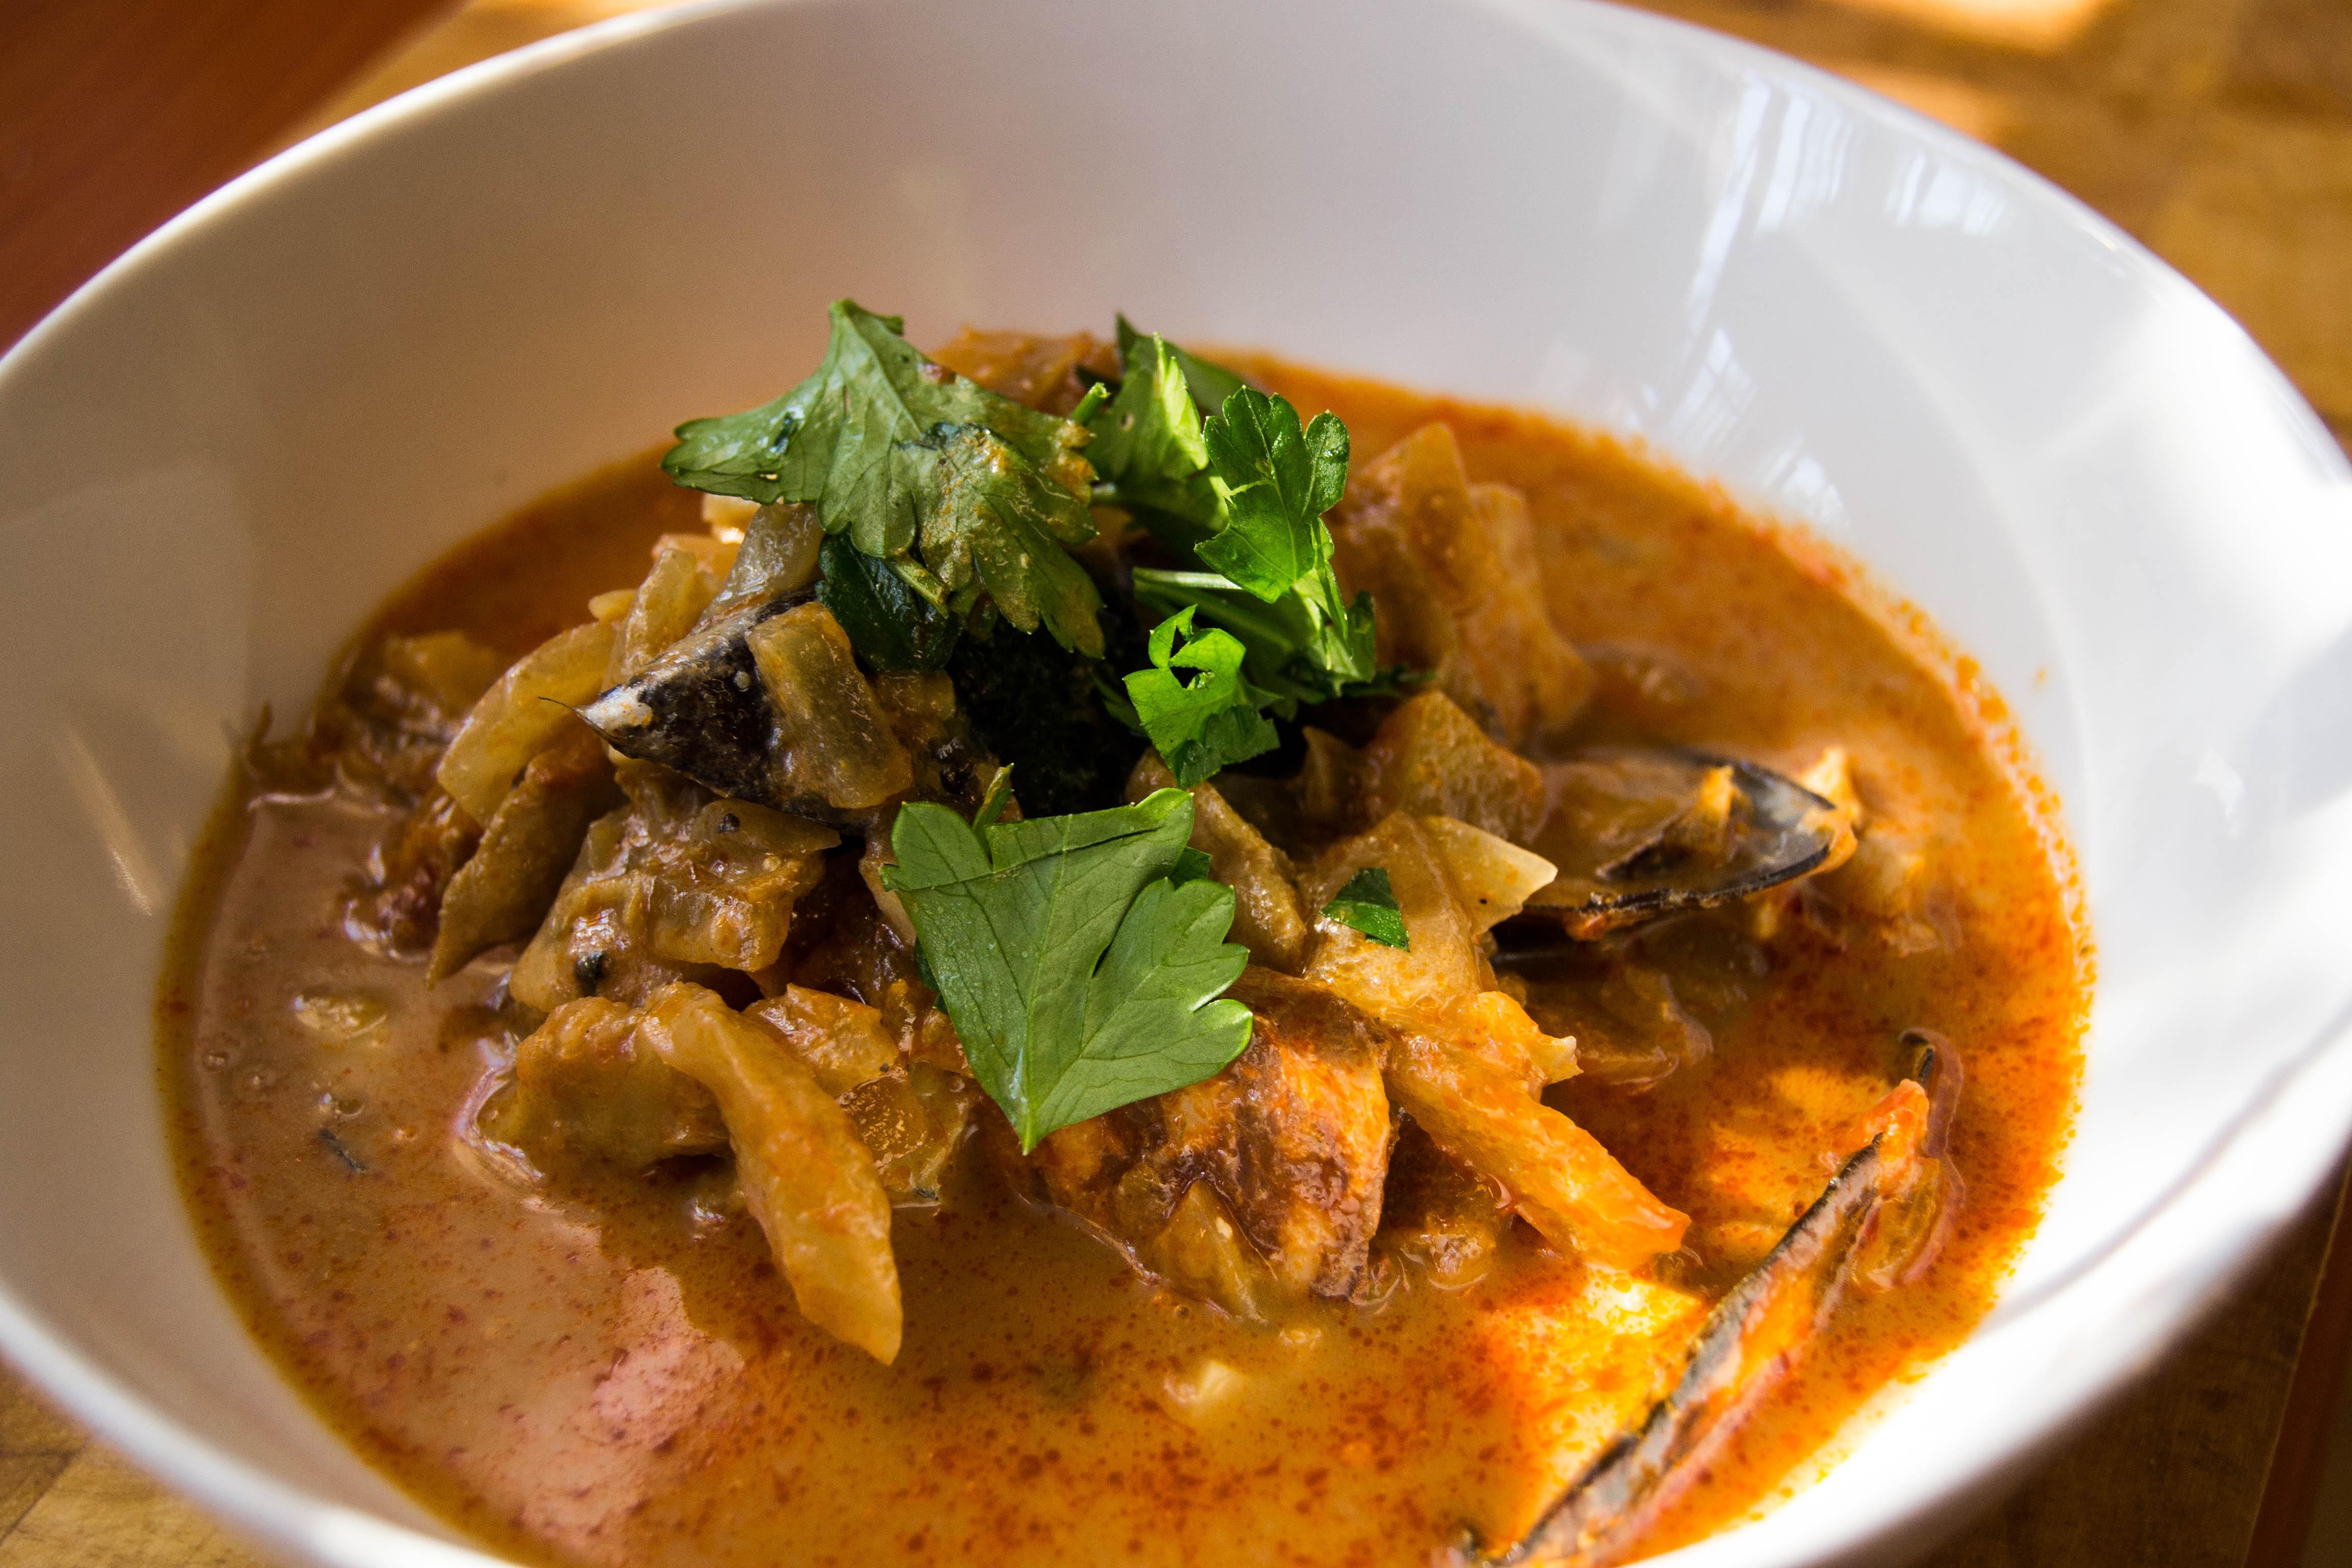 Как приготовить солянку с грибами и капустой: пошаговый рецепт